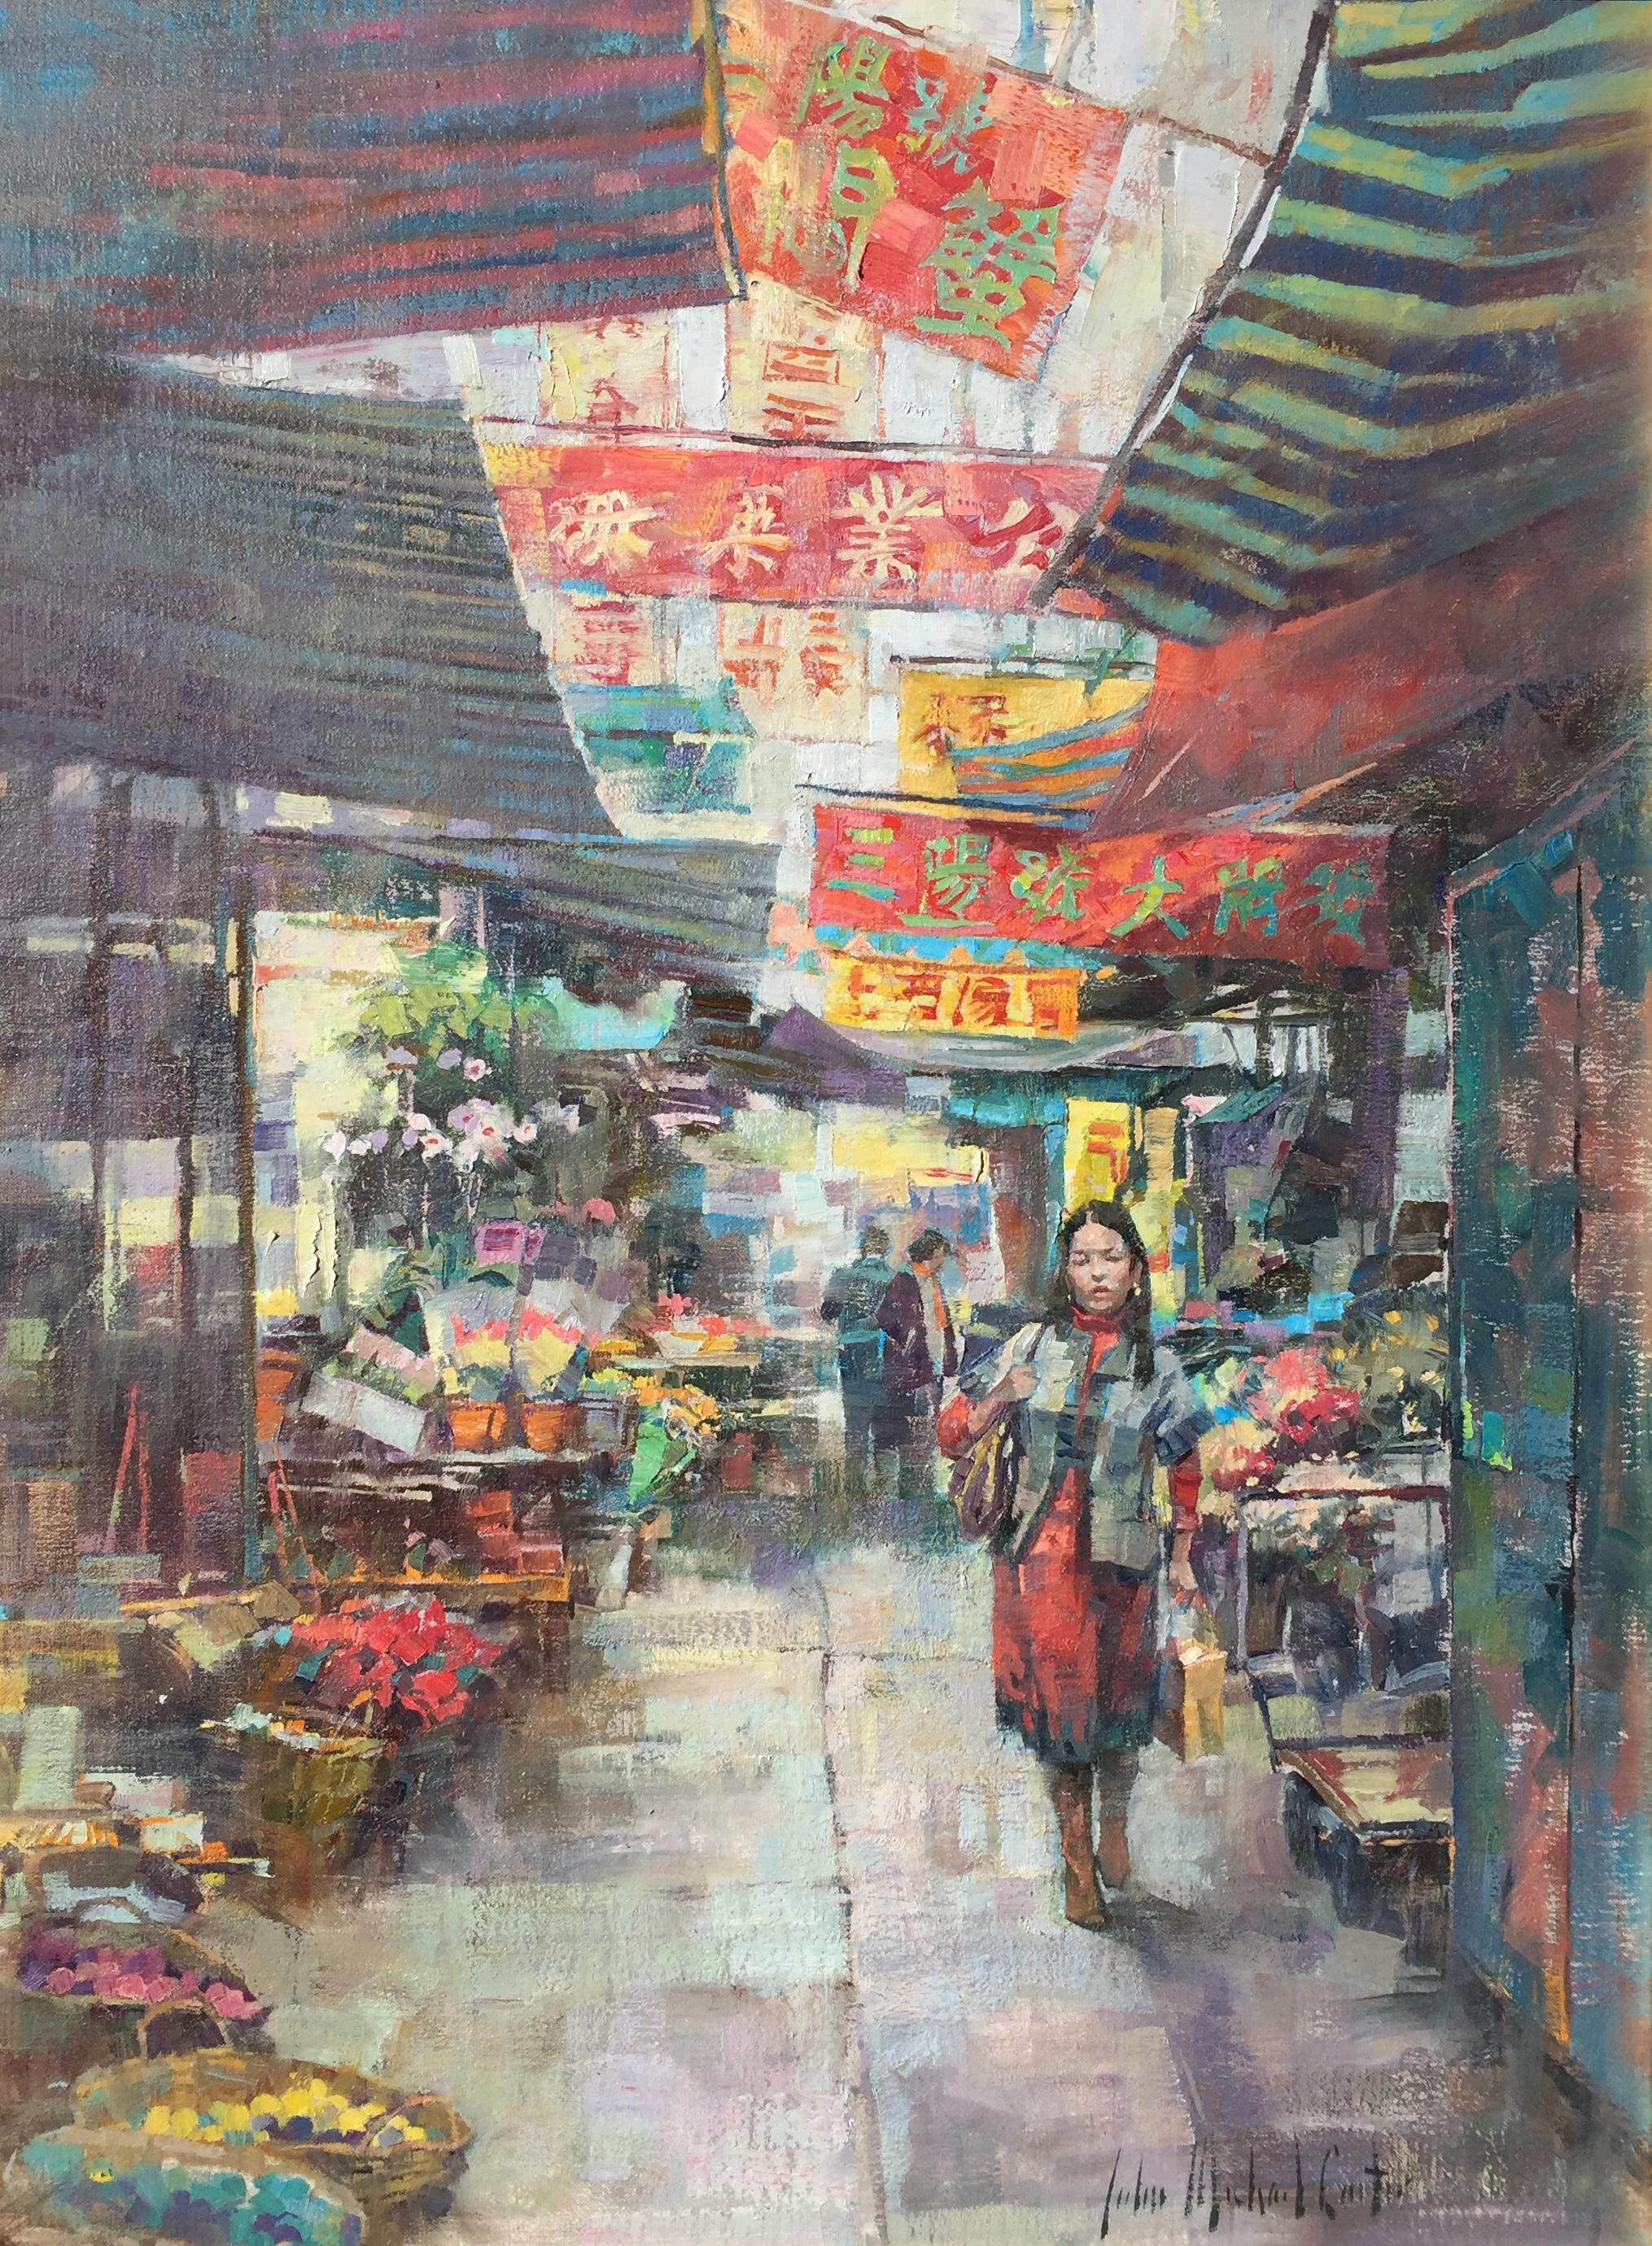 carter-hongkongmarket-cropped2